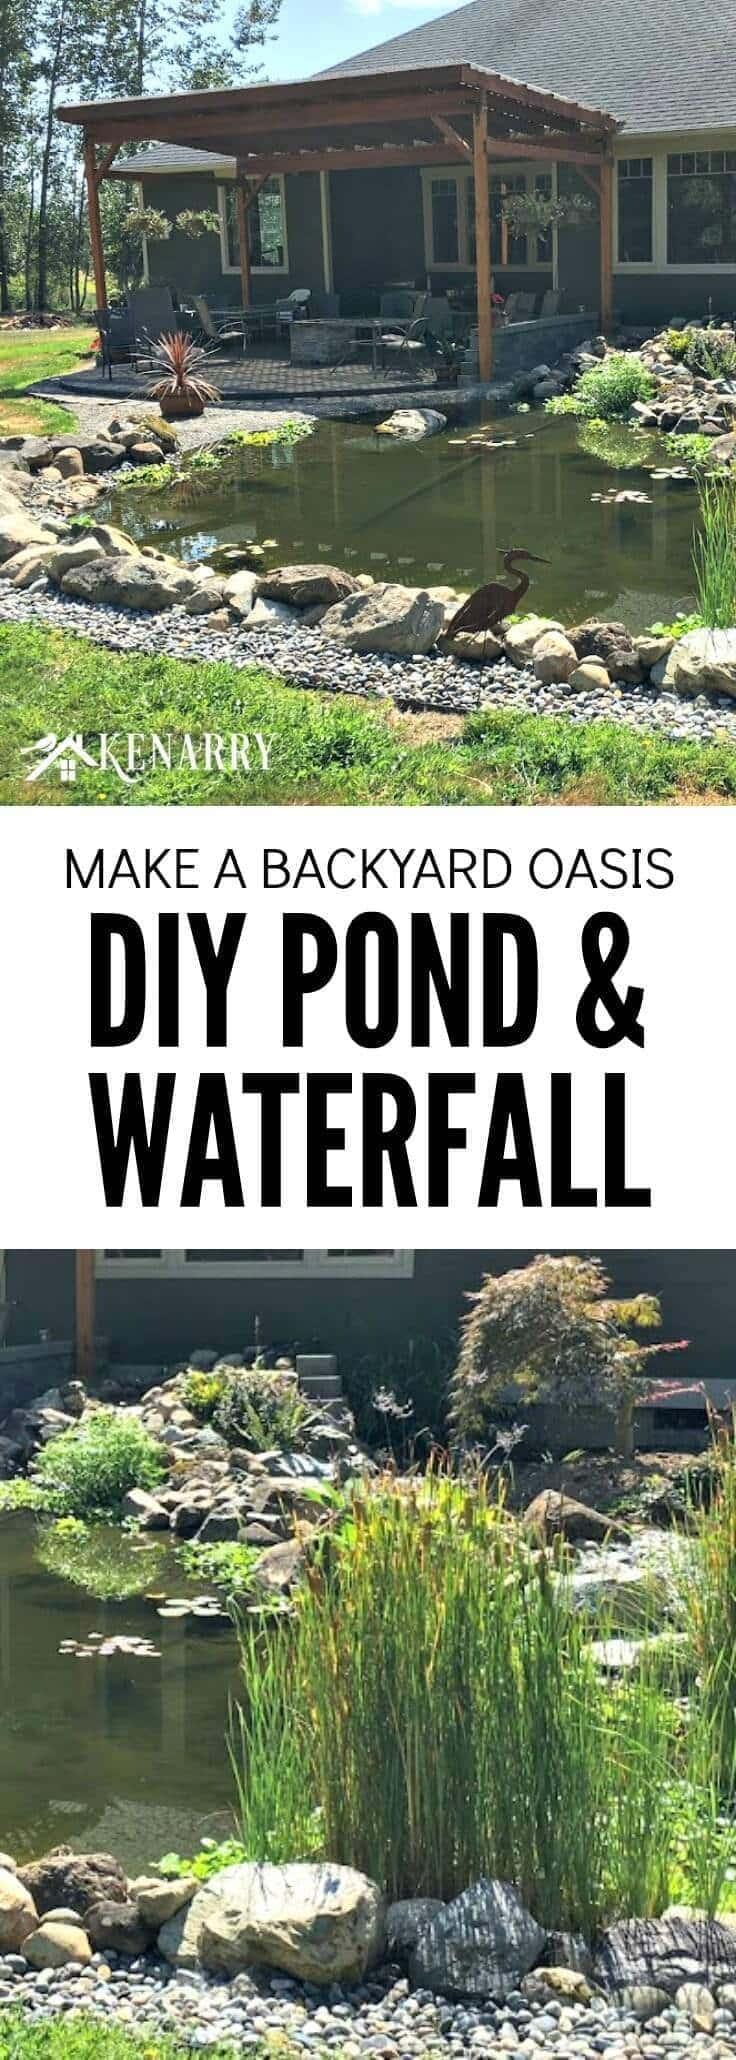 Make a backyard oasis DIY pond and waterfall